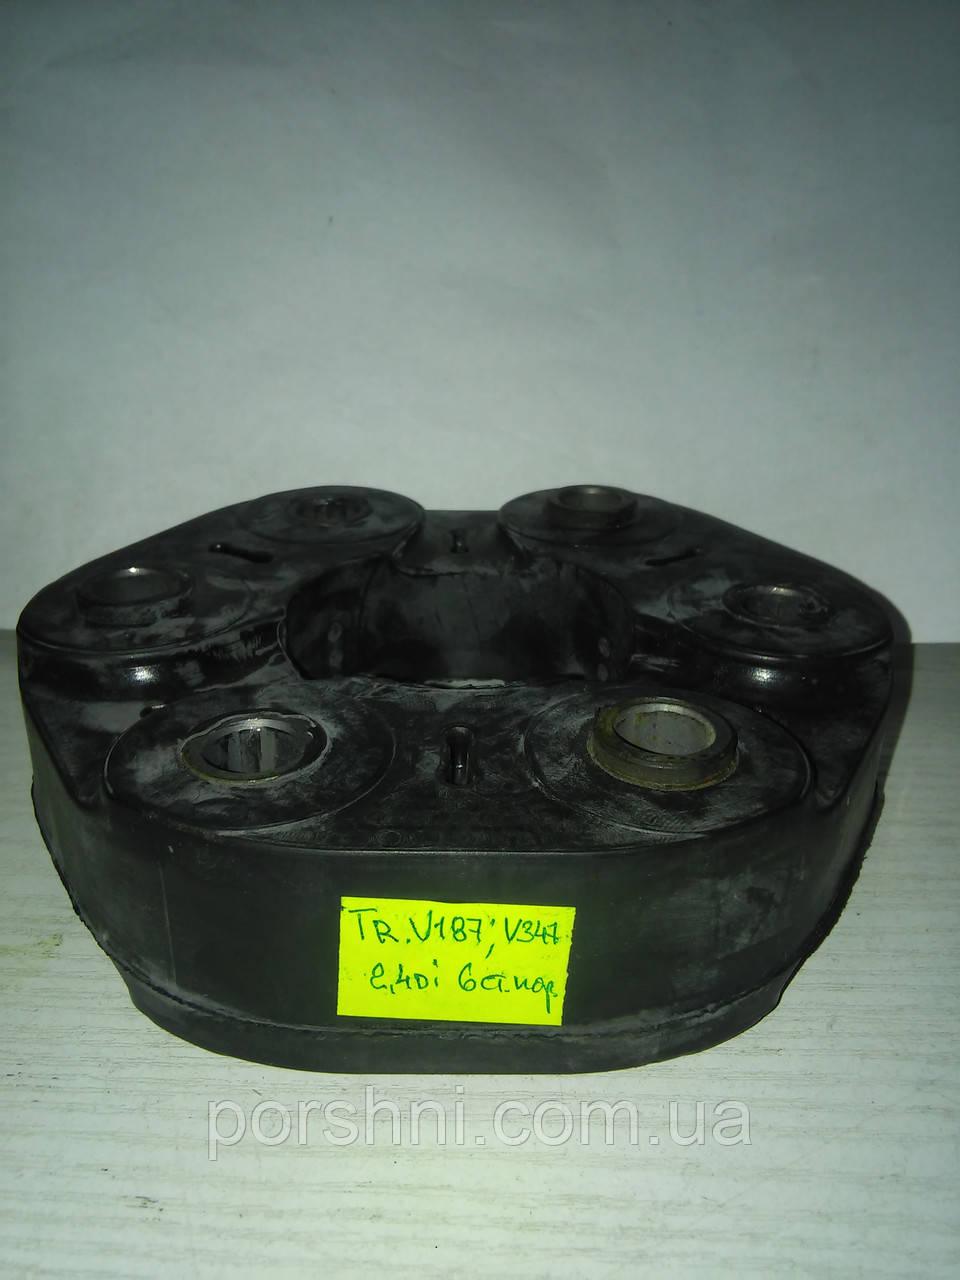 Еластична муфта Ford Тransit V184 2.4 V347 2.4 2006 --- 6 ст кор. FB71755. N: 4165078